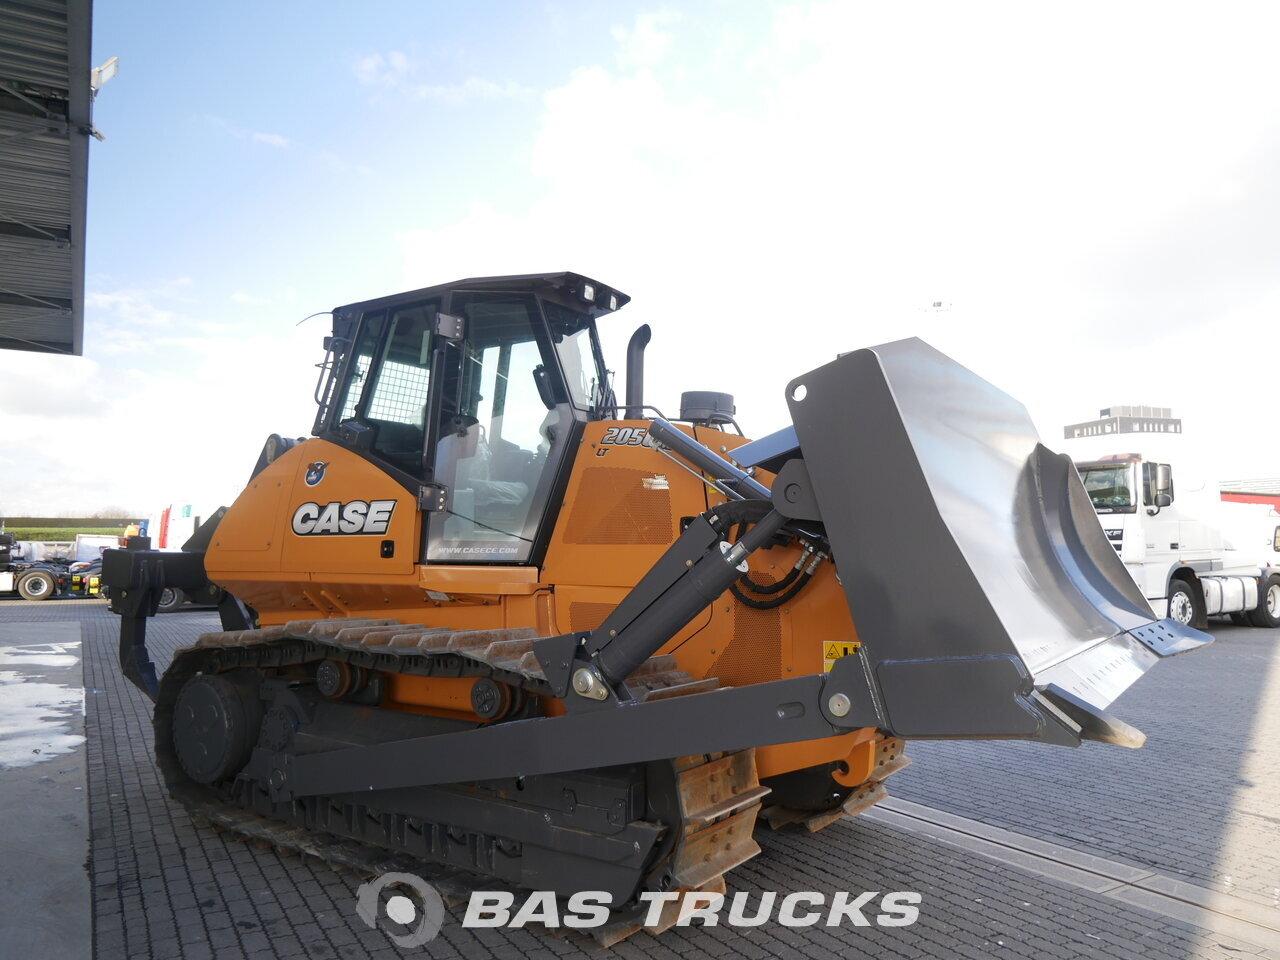 foto di Usato Macchine Movimento Terra Case 2050M LT Track 2015